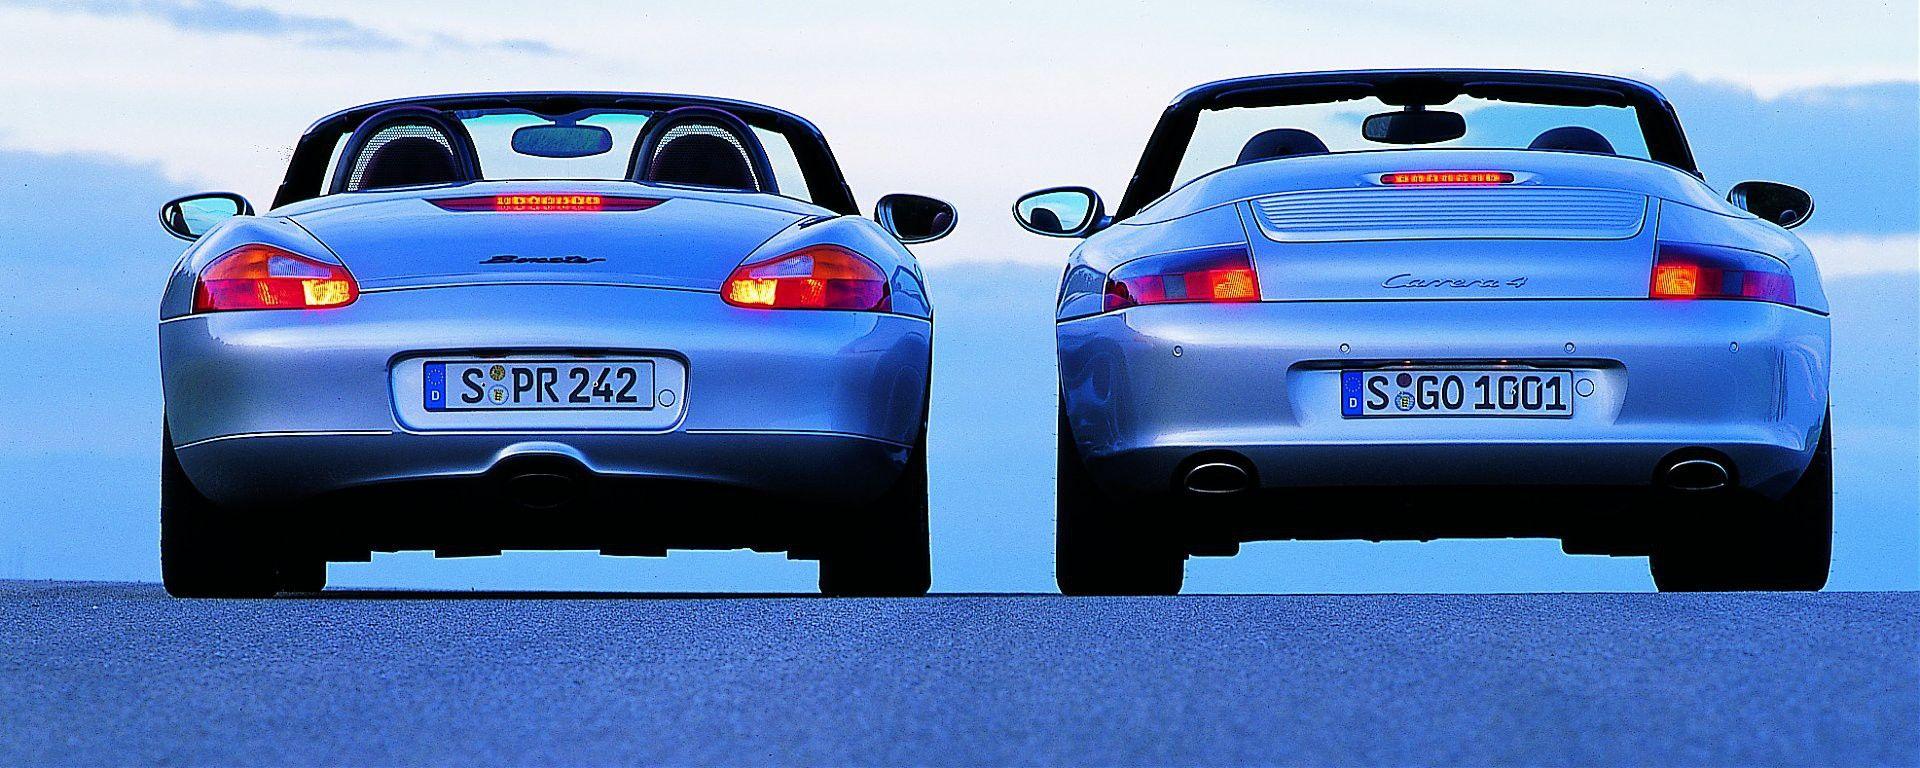 Quanto vale la Porsche Boxster 986